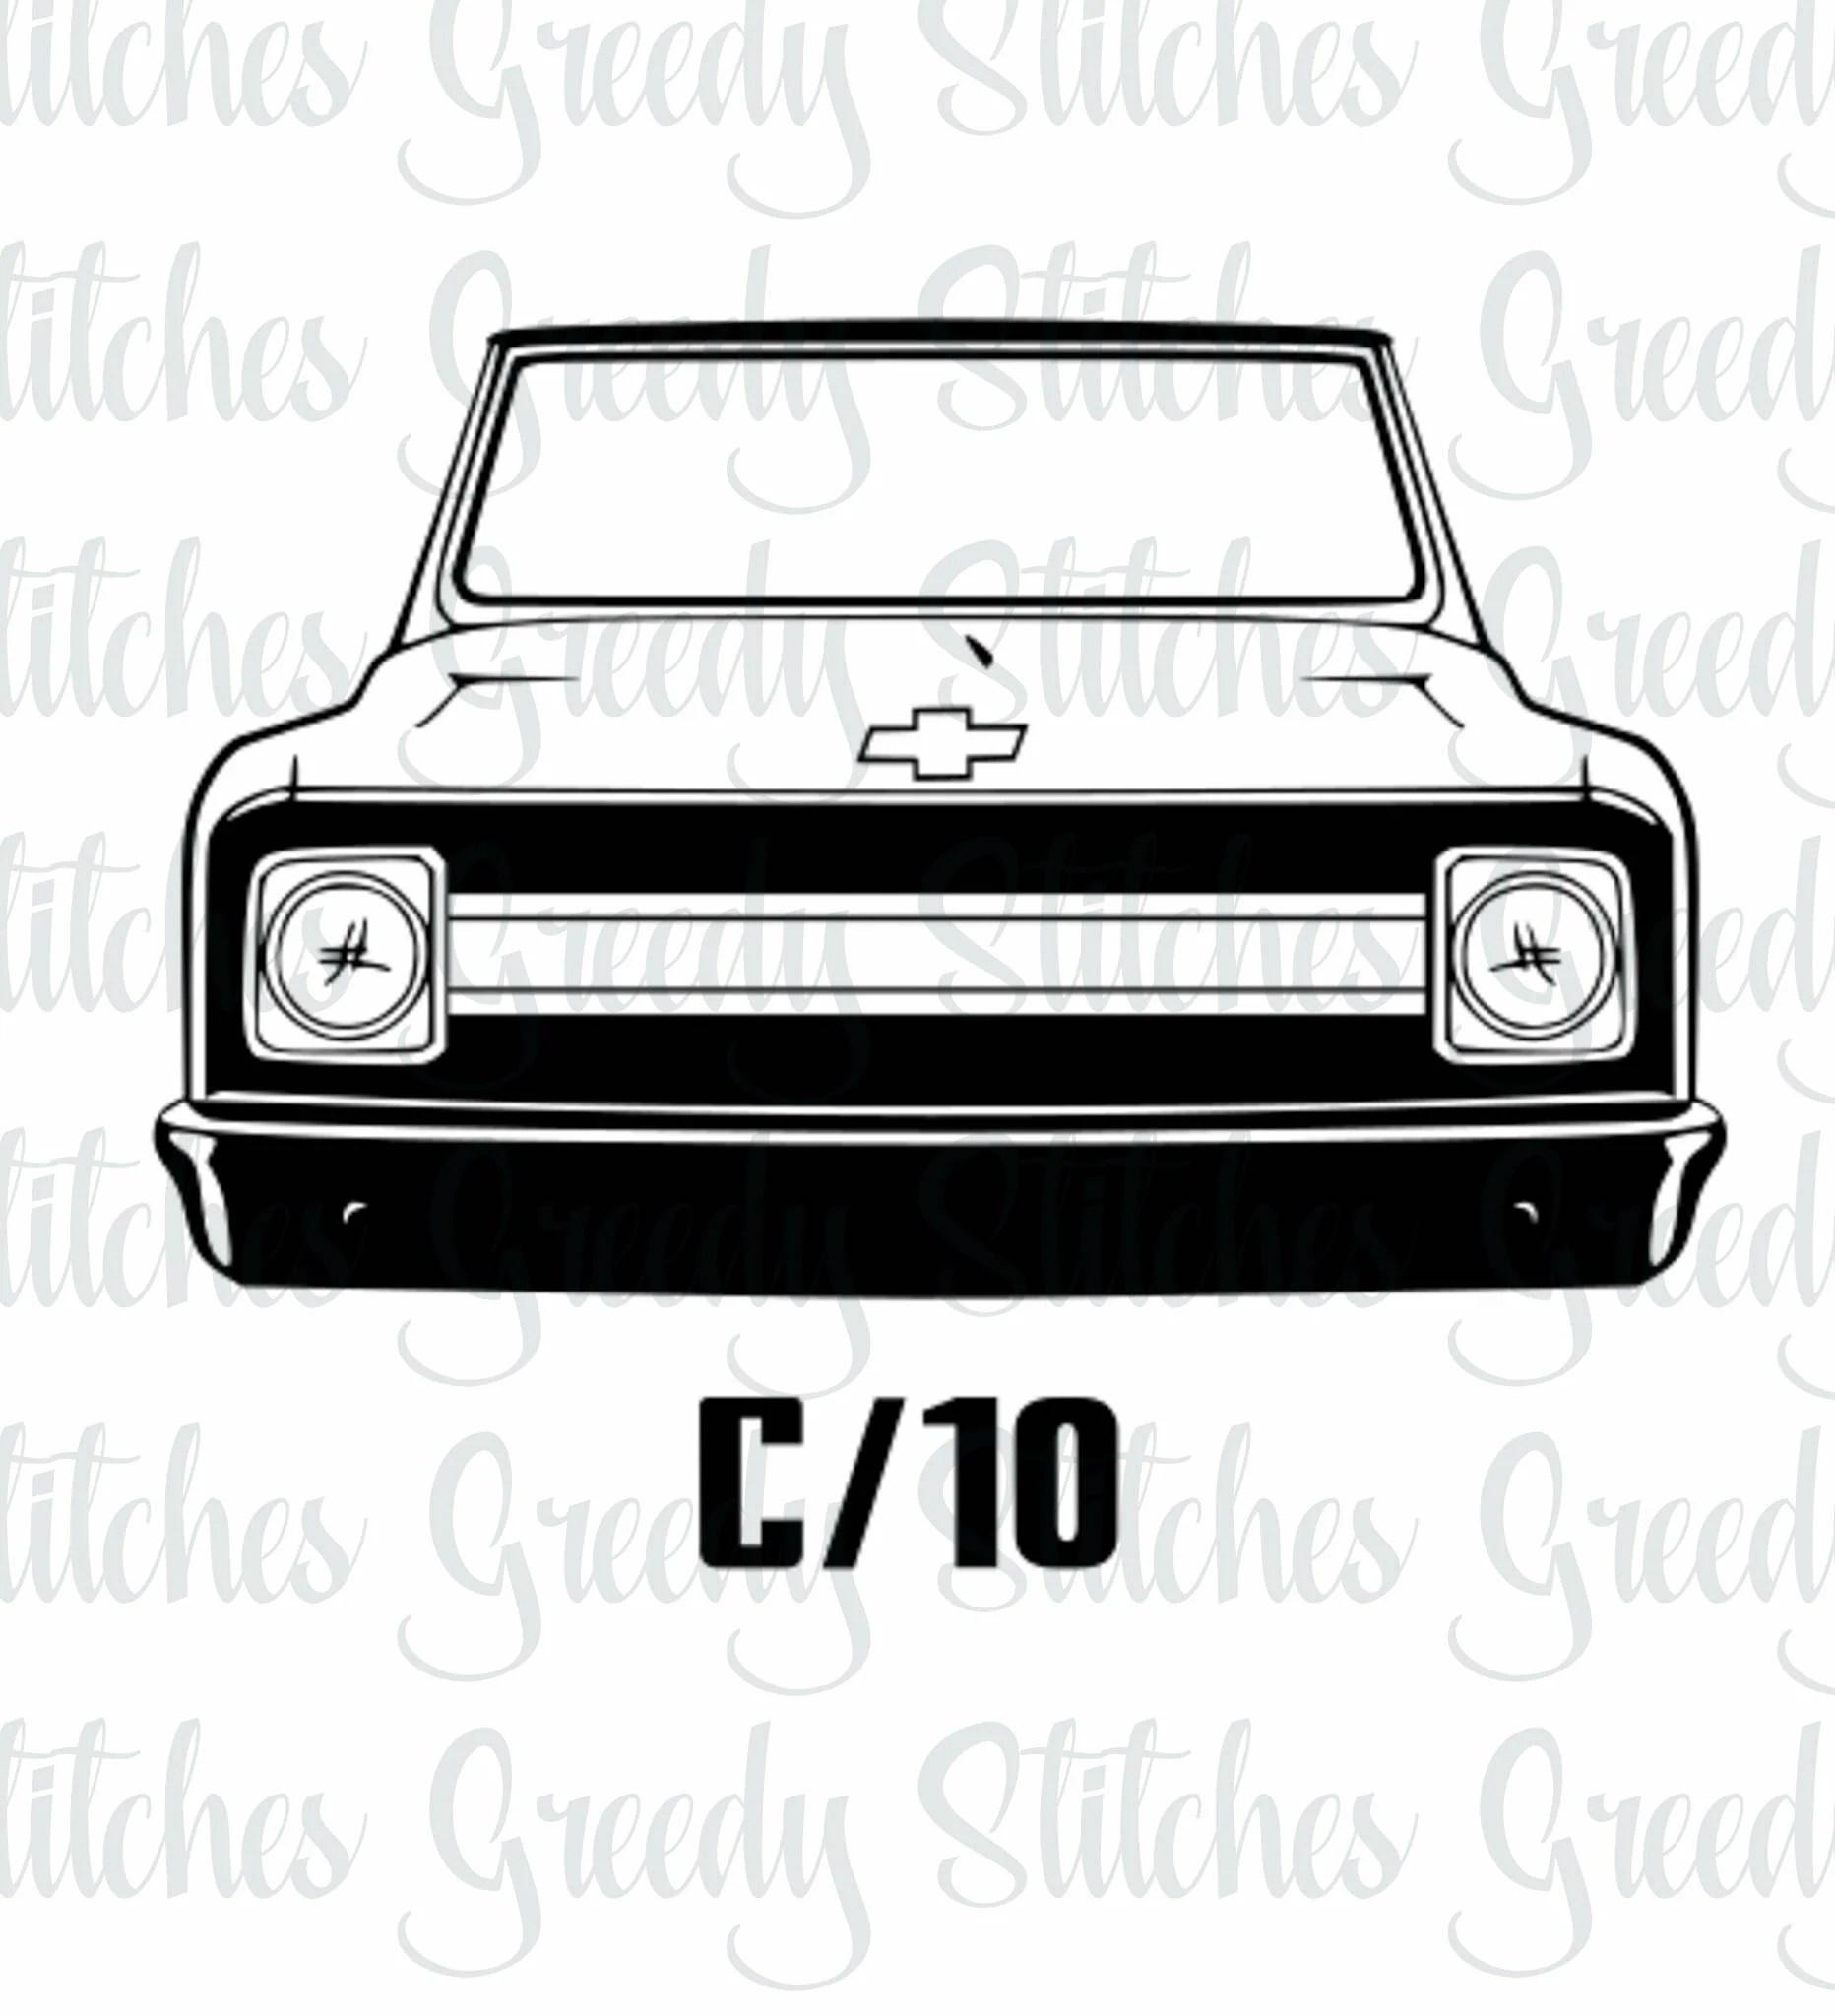 70ish Chevrolet C10 Svg Dxf Eps